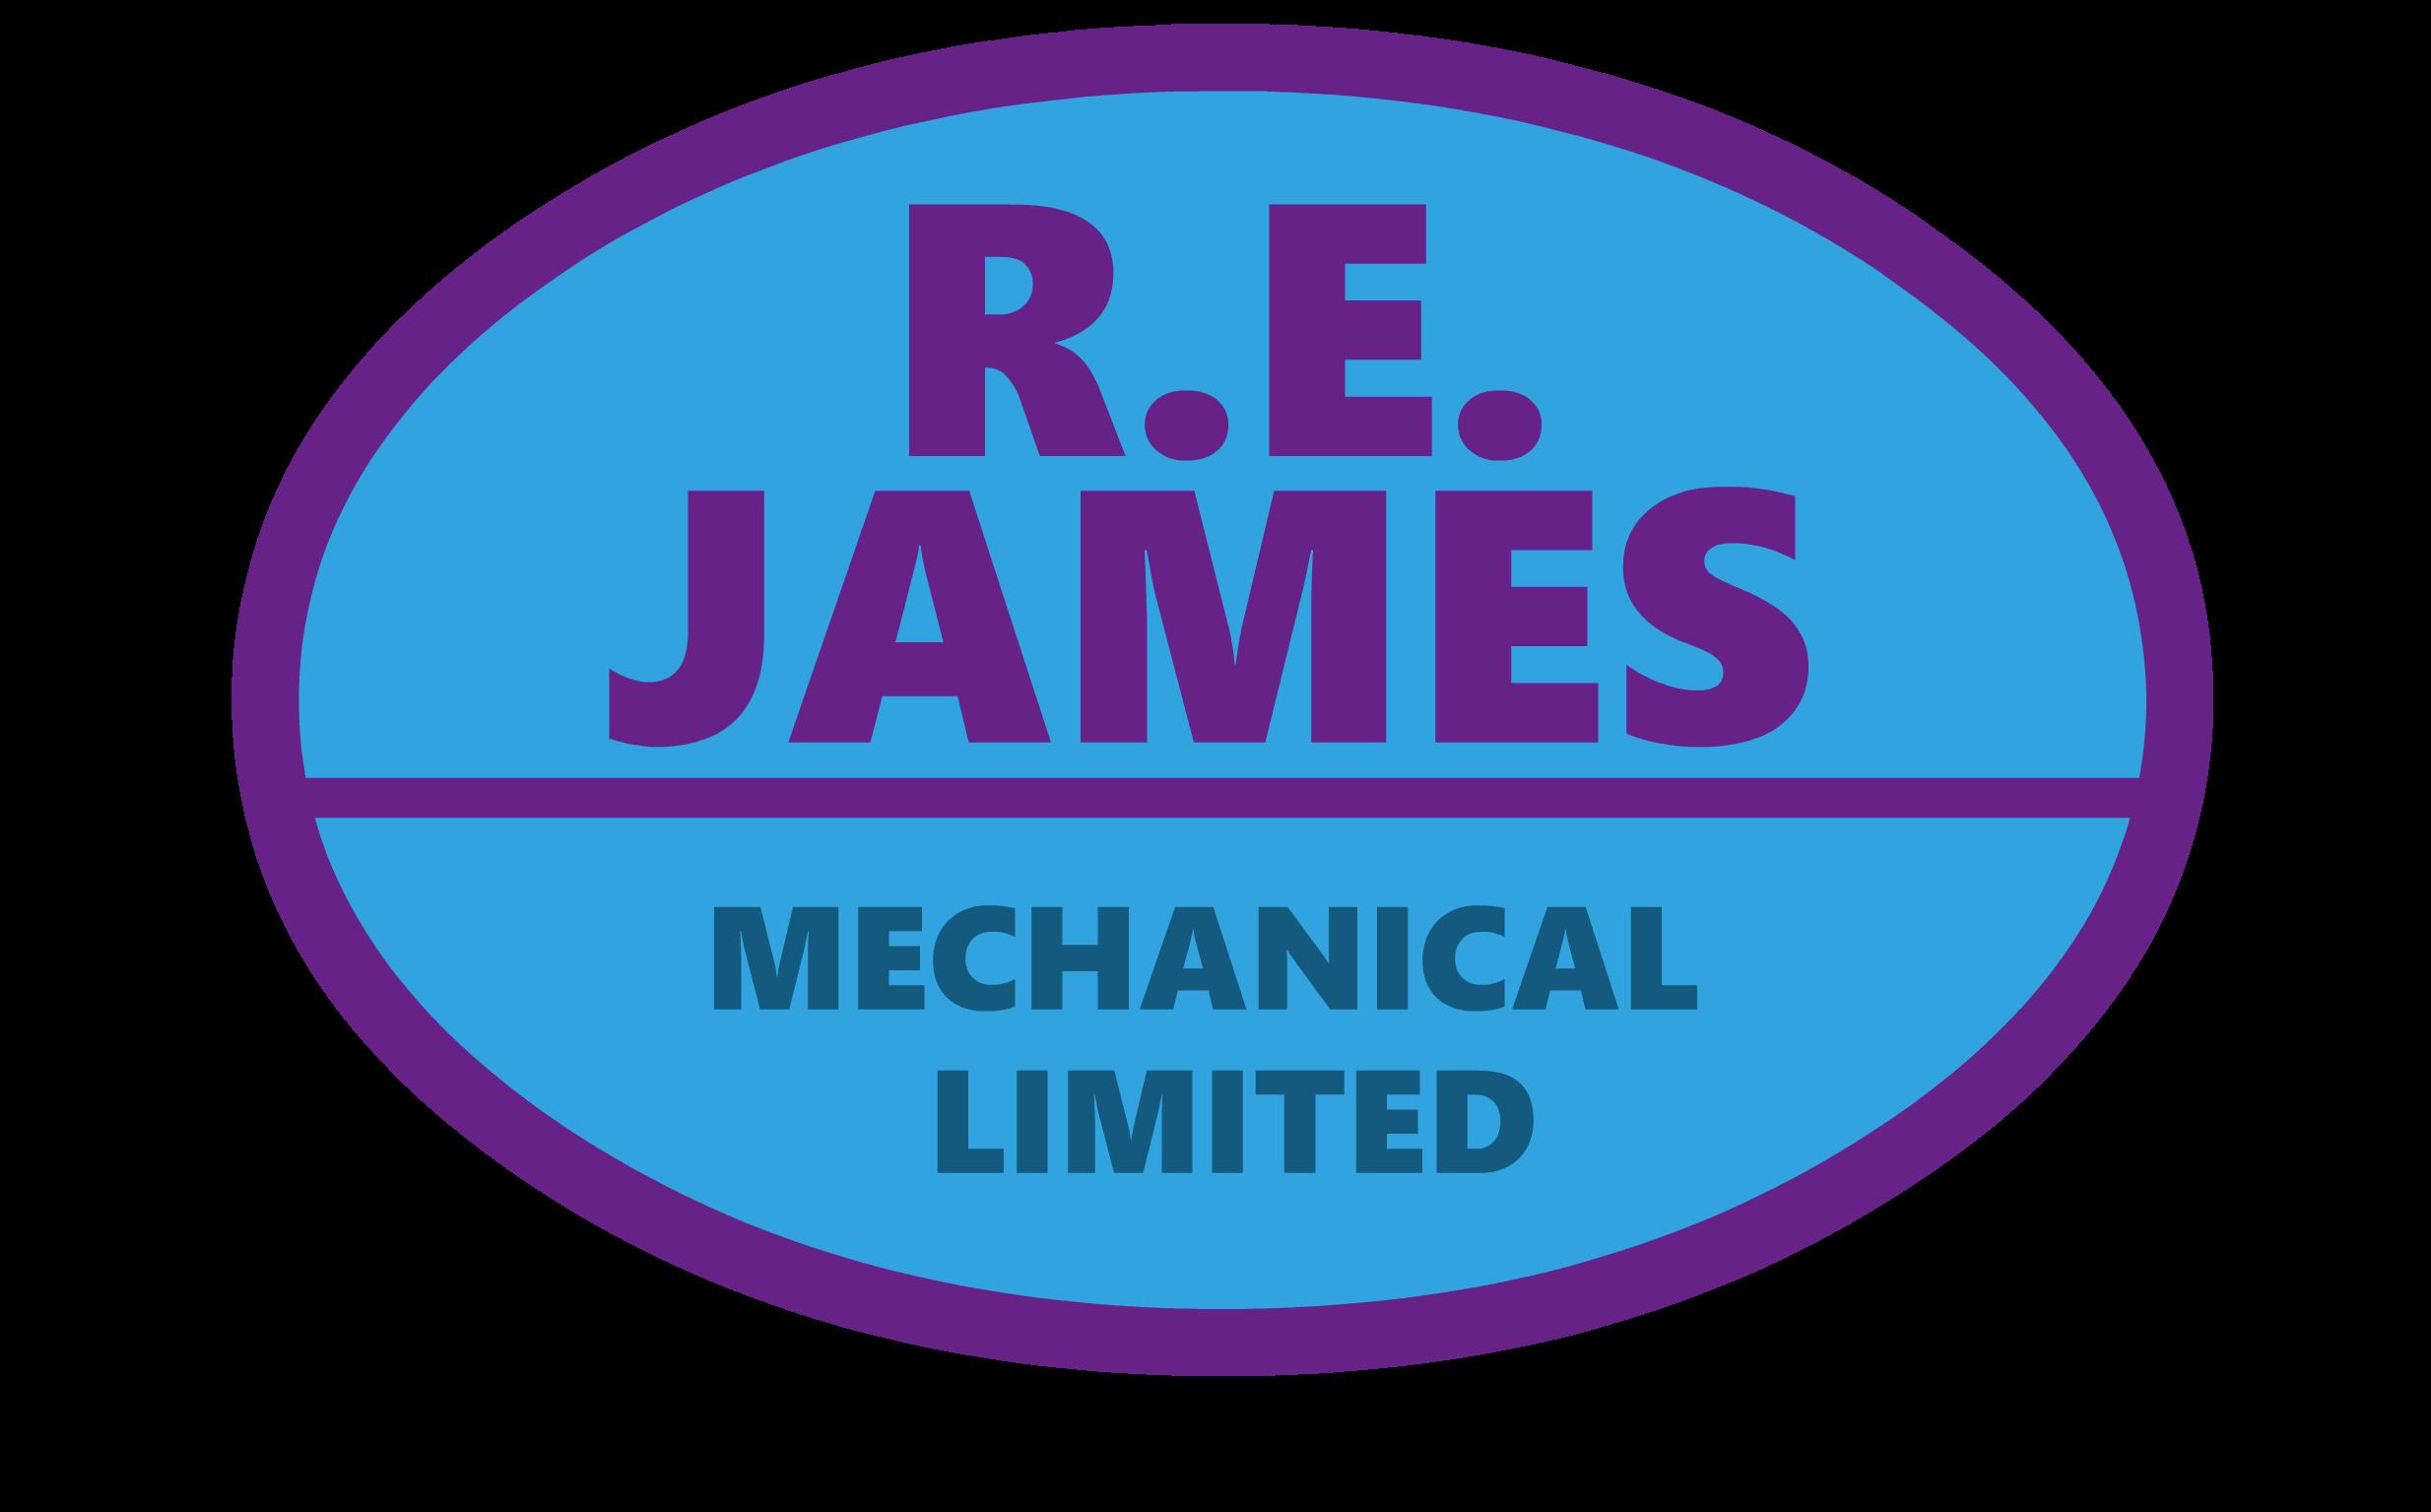 R E James Mechanical